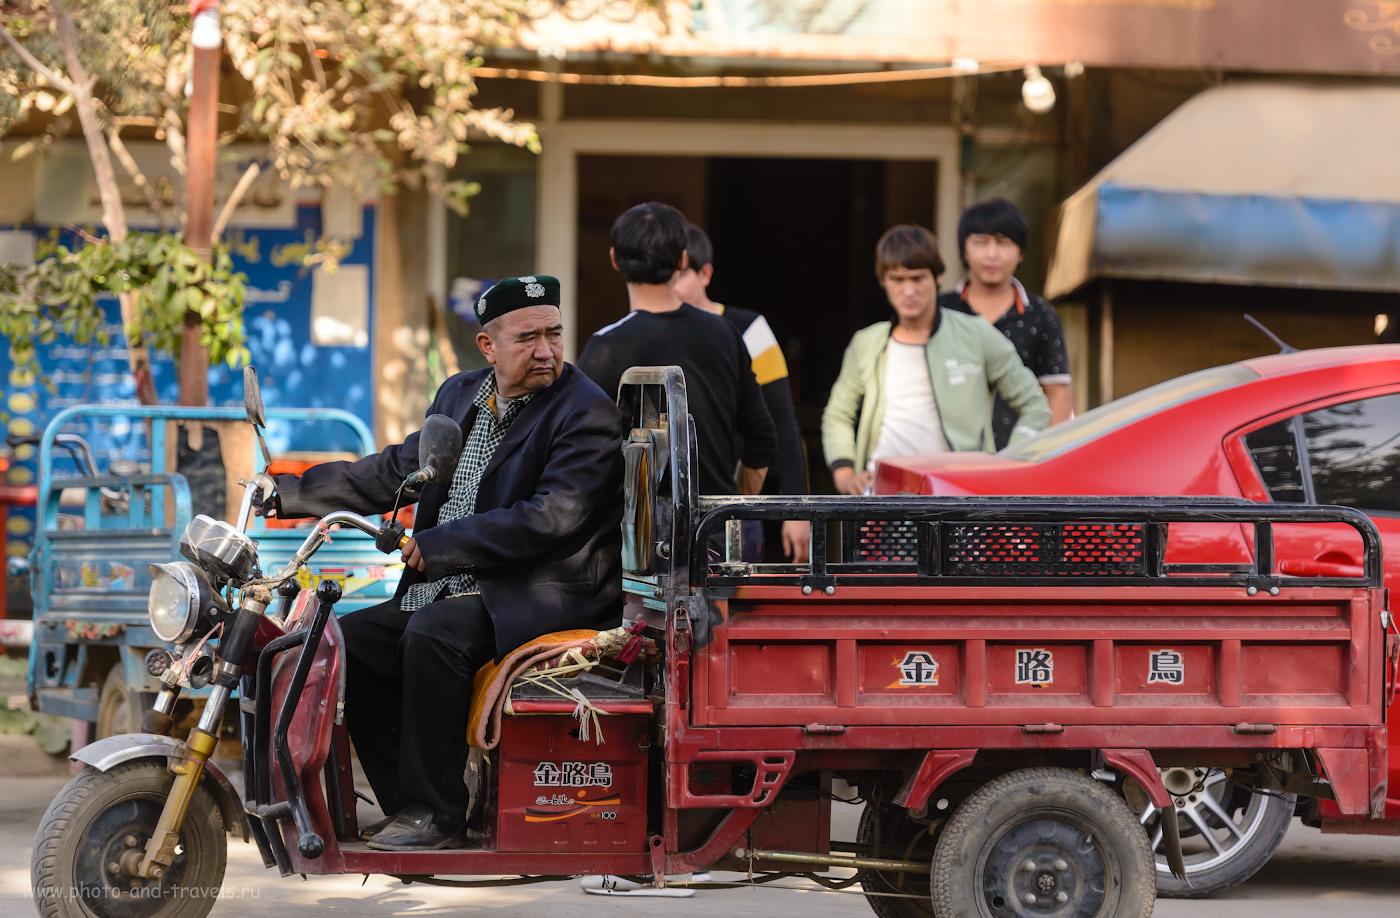 Фотография 26. Обычная жизнь уйгурского городка. Отзыв о поездке в Турфан из Урумчи. 1/400, -1.33, 2.8, 280, 165.